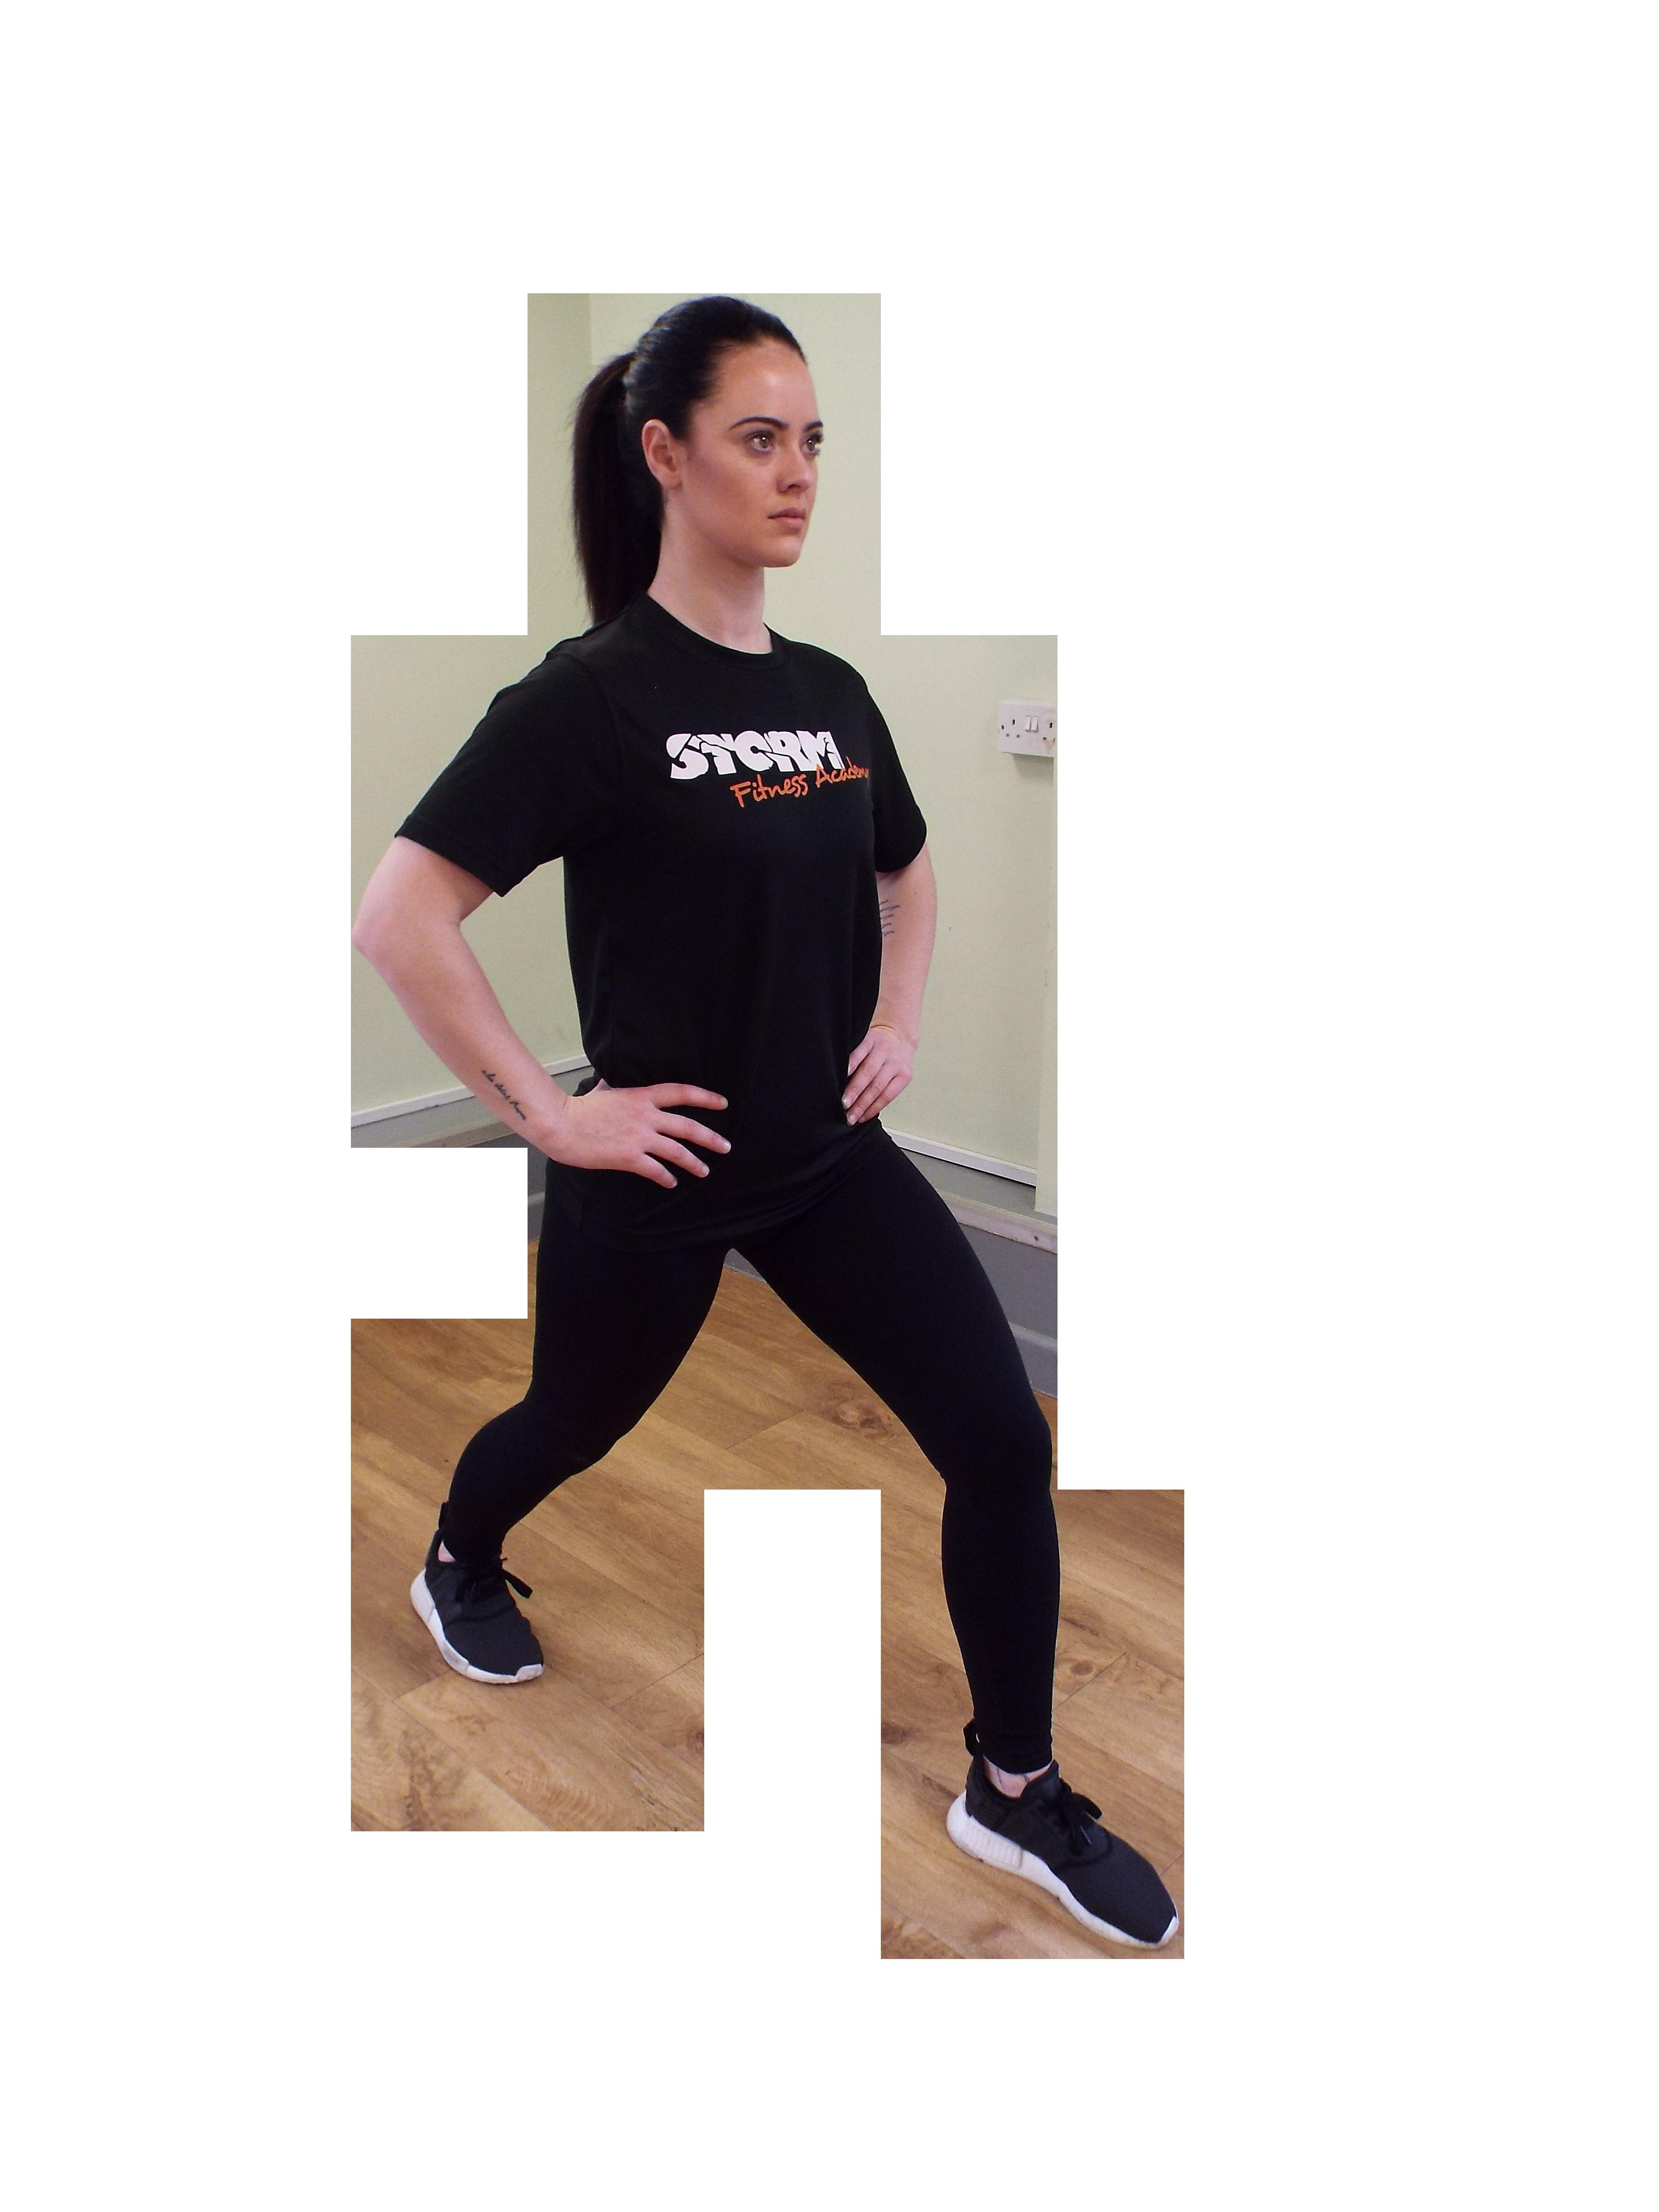 Stretch routine - Standing gastrocnemius